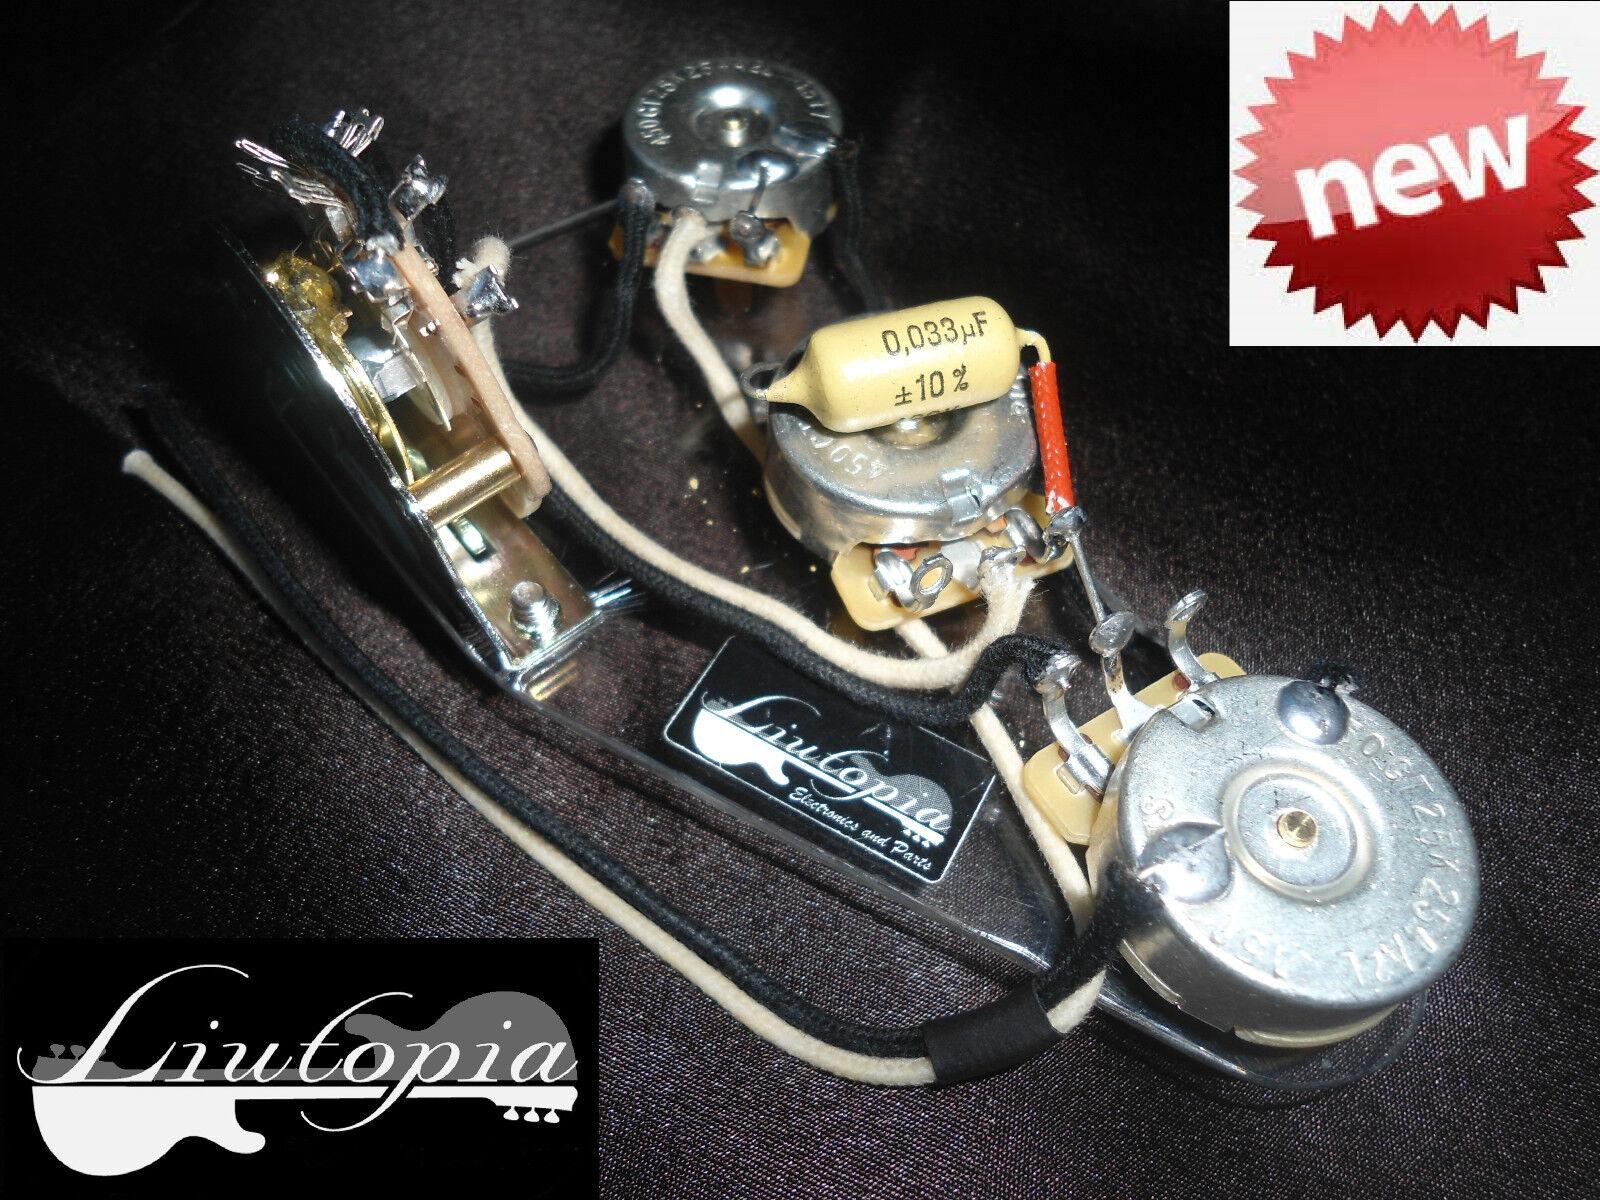 PER FENDER STRATOCASTER STRATOCASTER STRATOCASTER CABLAGGIO - CON CONDENSATORE 0.033uf MULLARD  MUSTARD  -  venta mundialmente famosa en línea